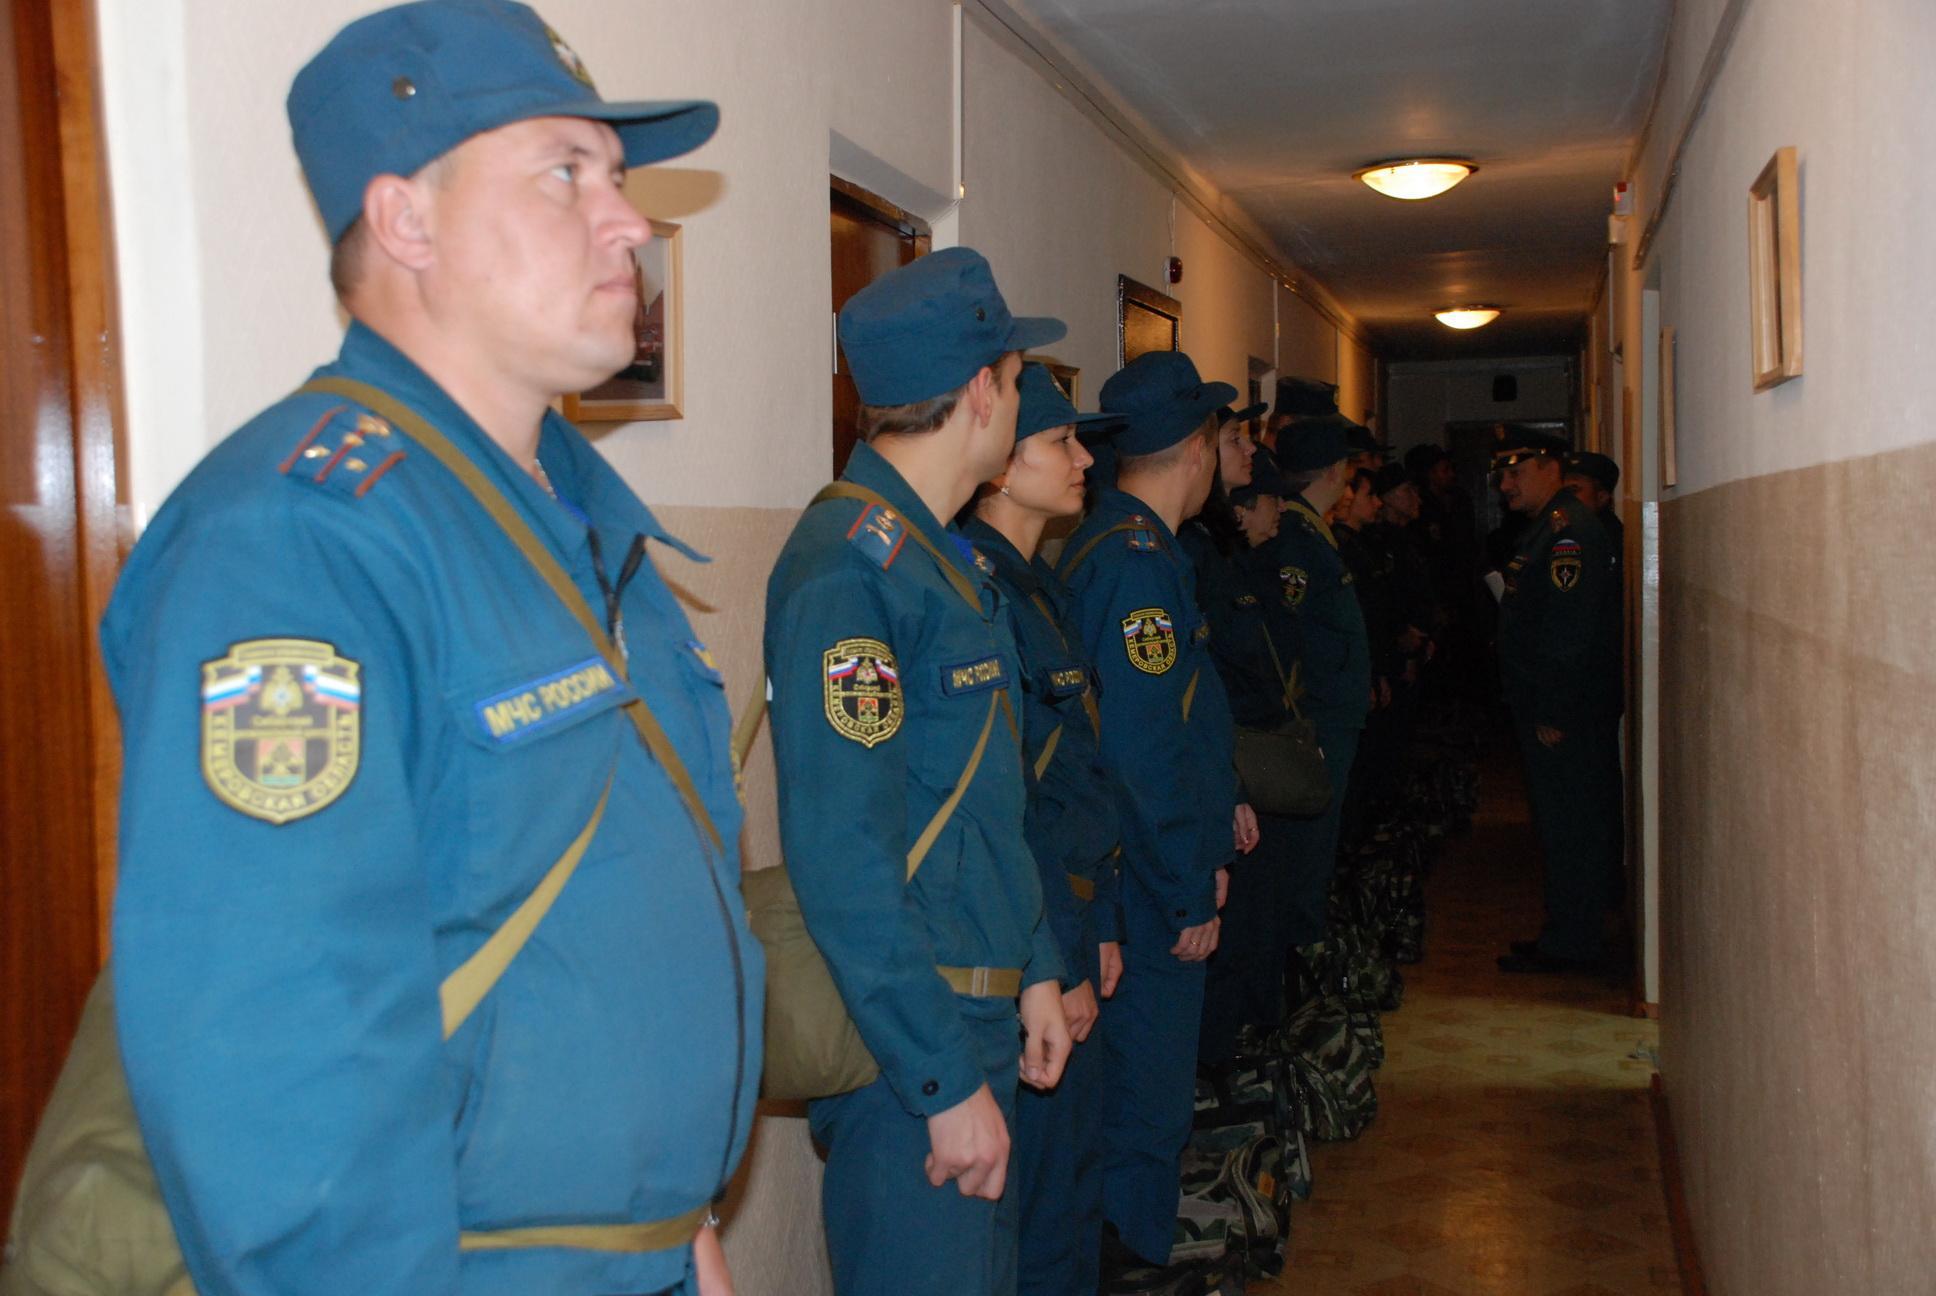 ВСЕРОССИЙСКАЯ ТРЕНИРОВКА В ДЕНЬ ГО (4.10.2013 ГОД)